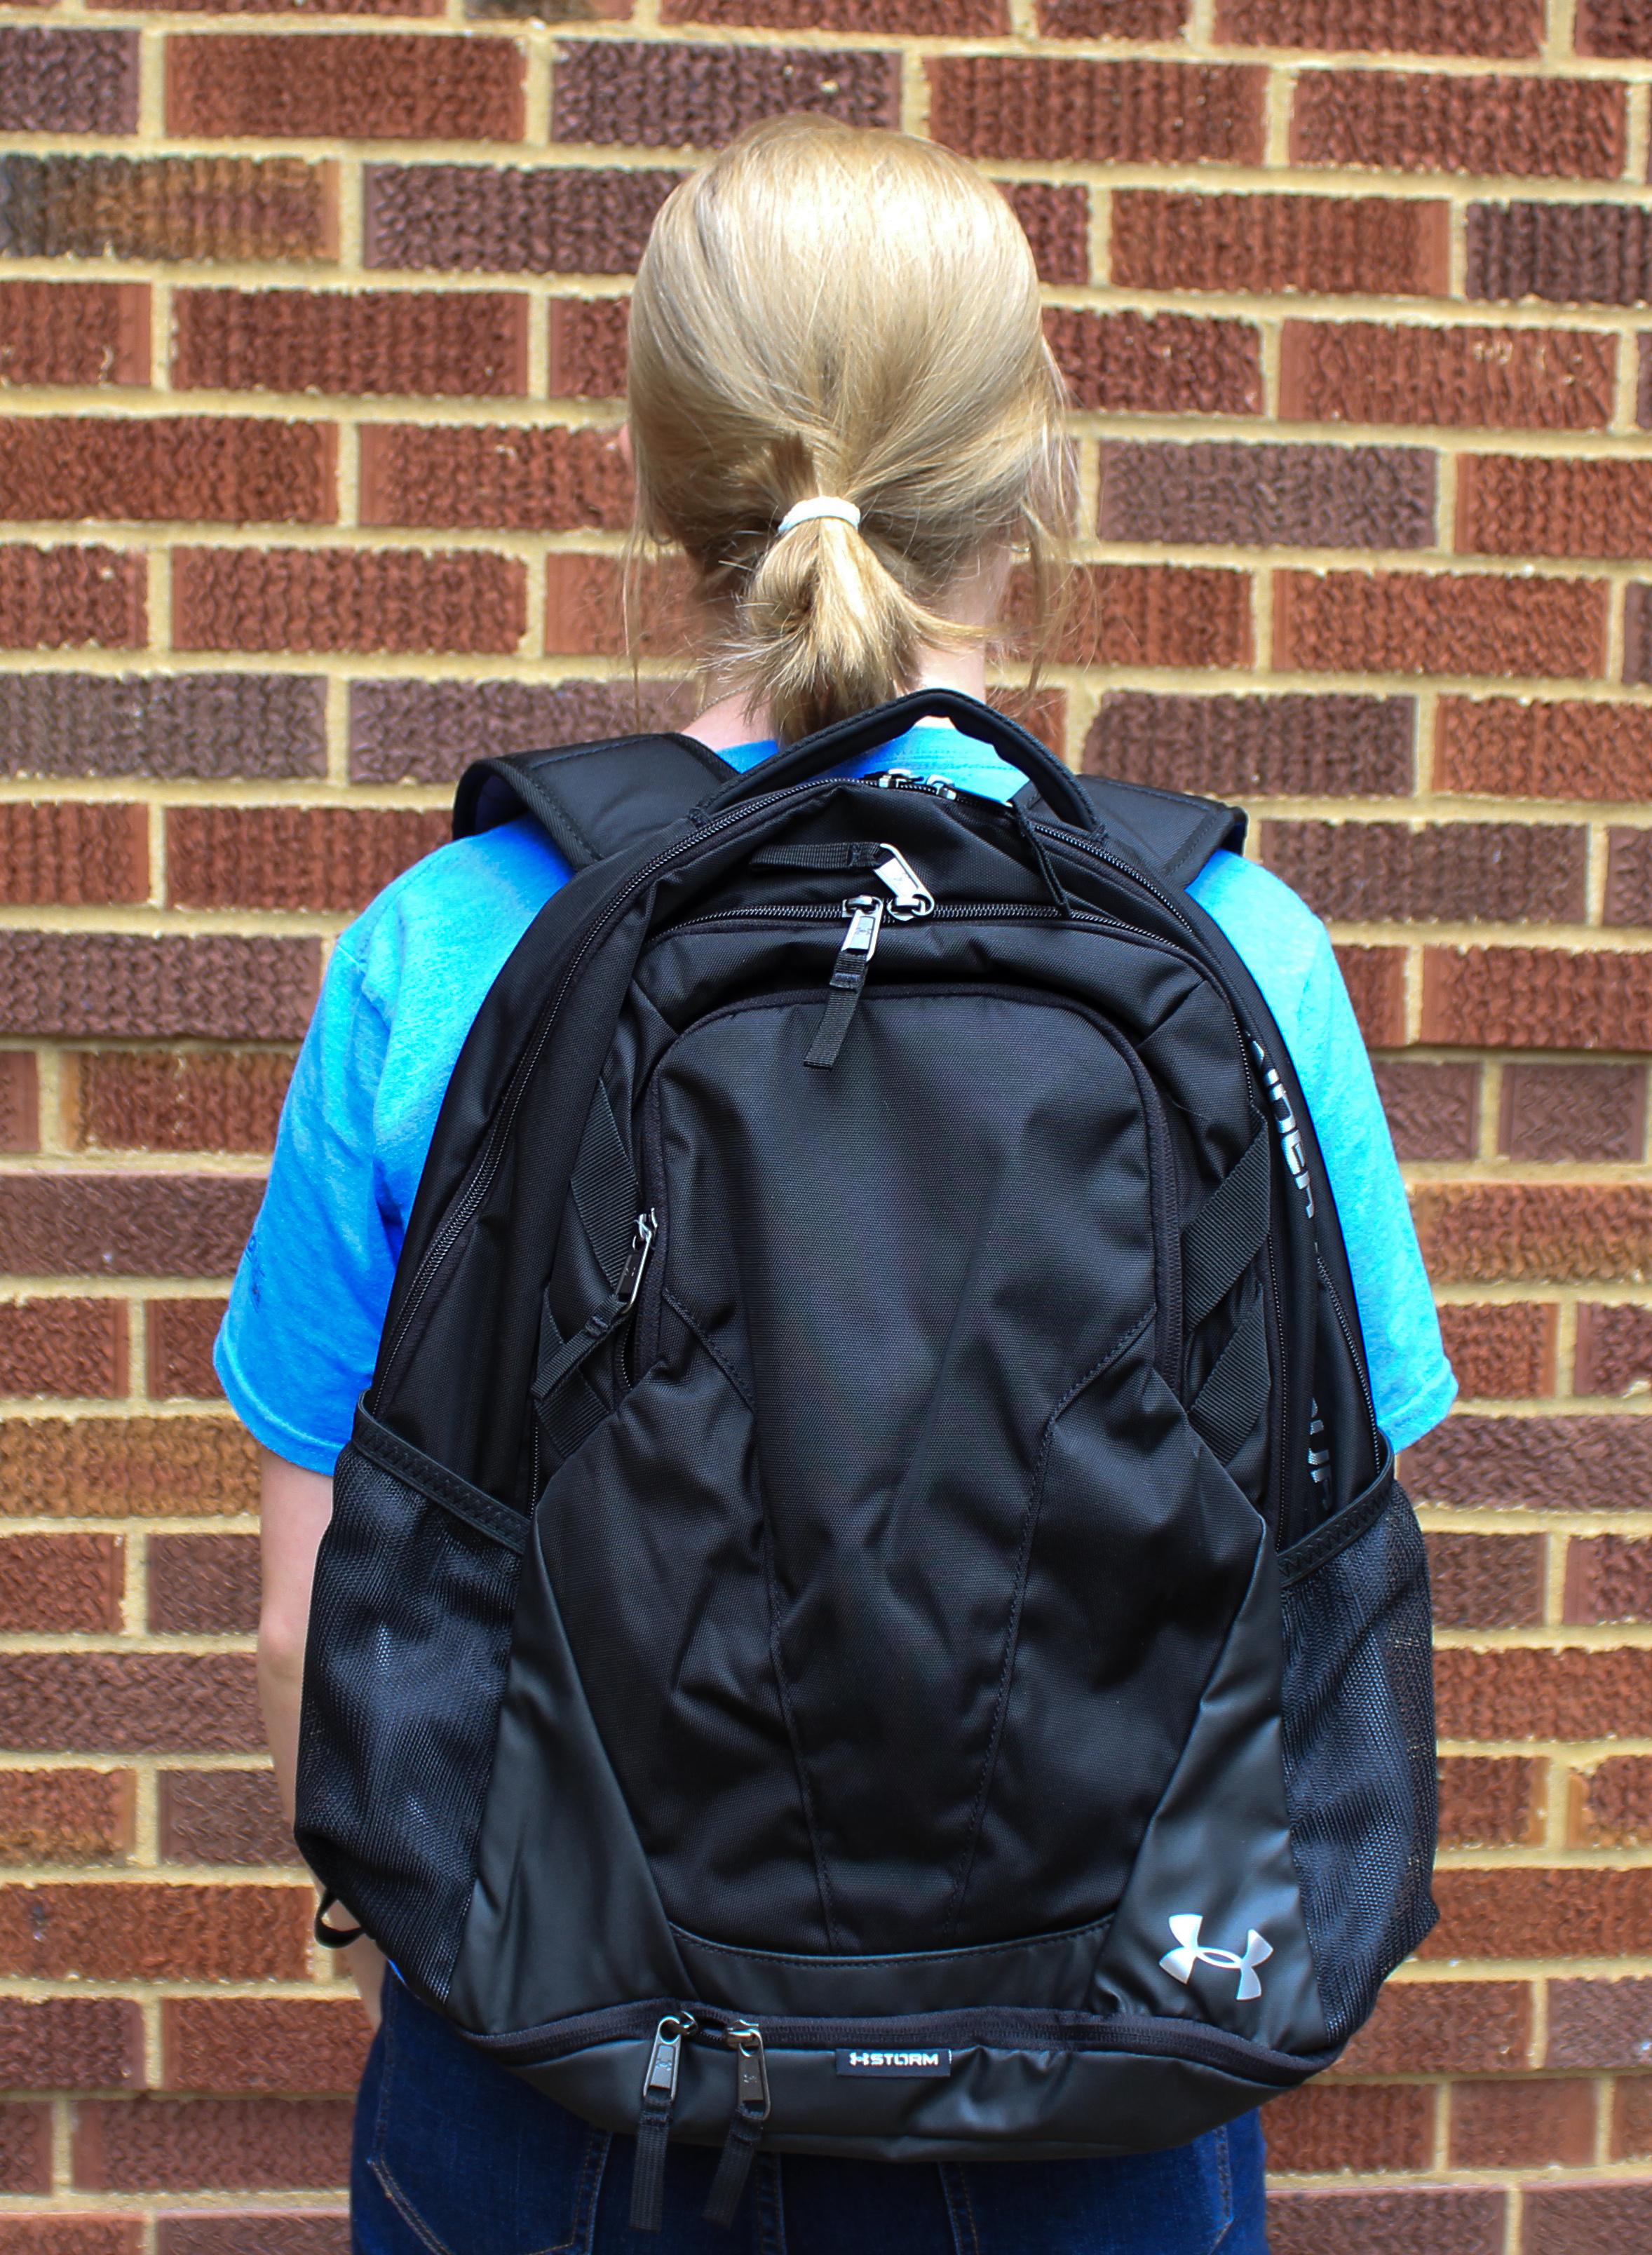 Hustle III Backpack